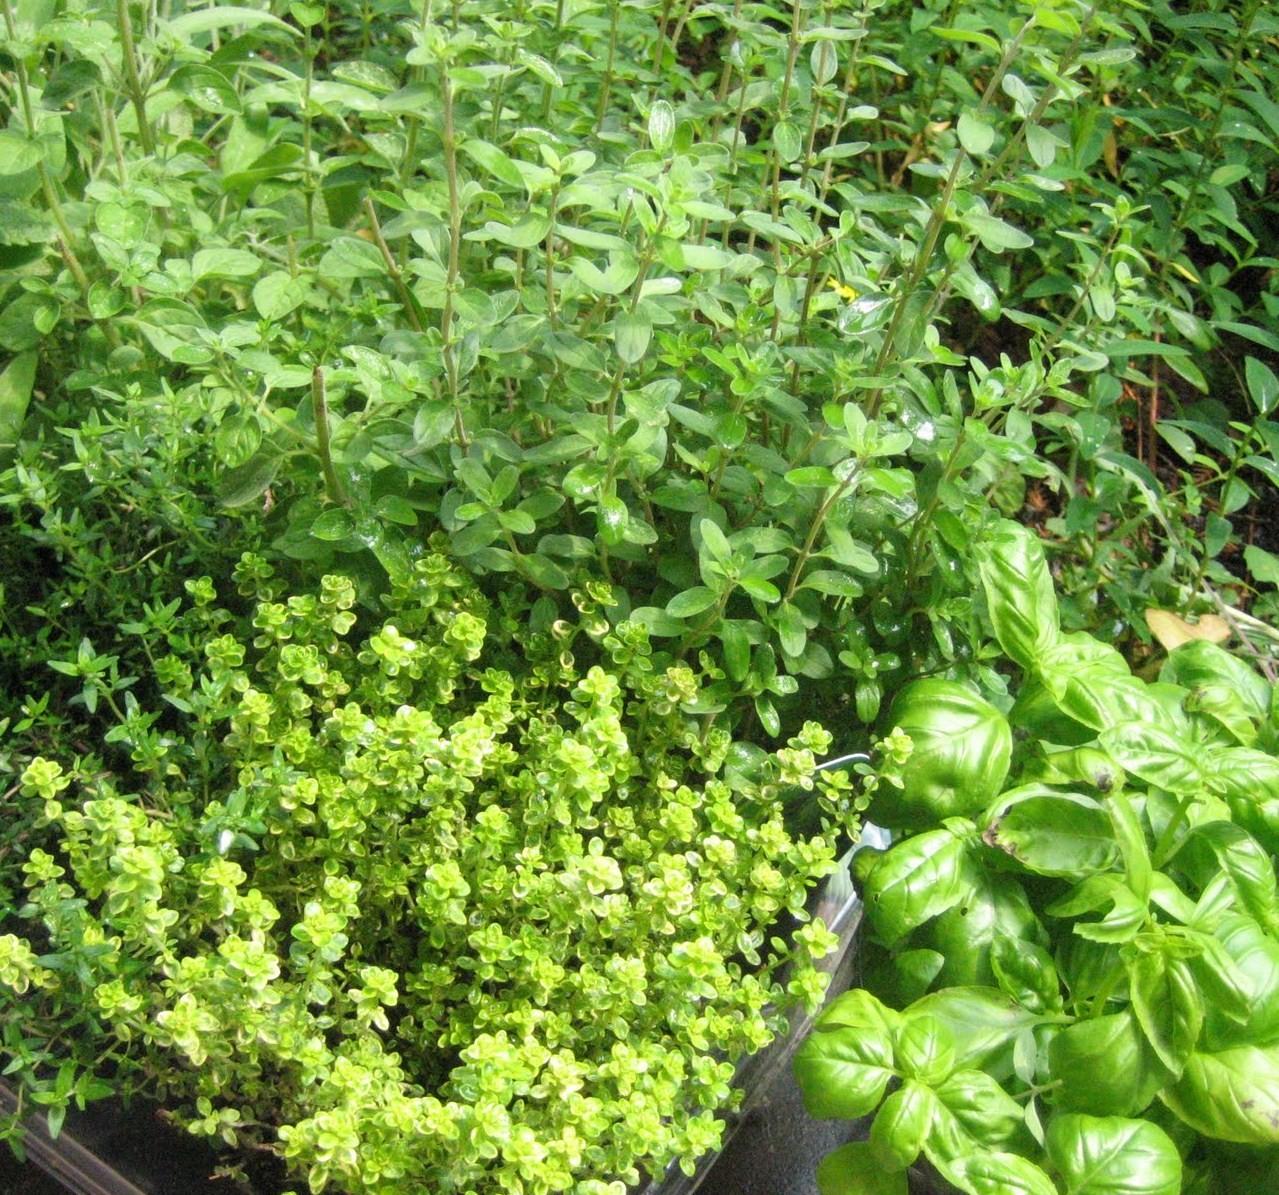 Orto in vaso 5 erbe aromatiche da coltivare e usare in cucina tecnichef - Erbe aromatiche in casa ...